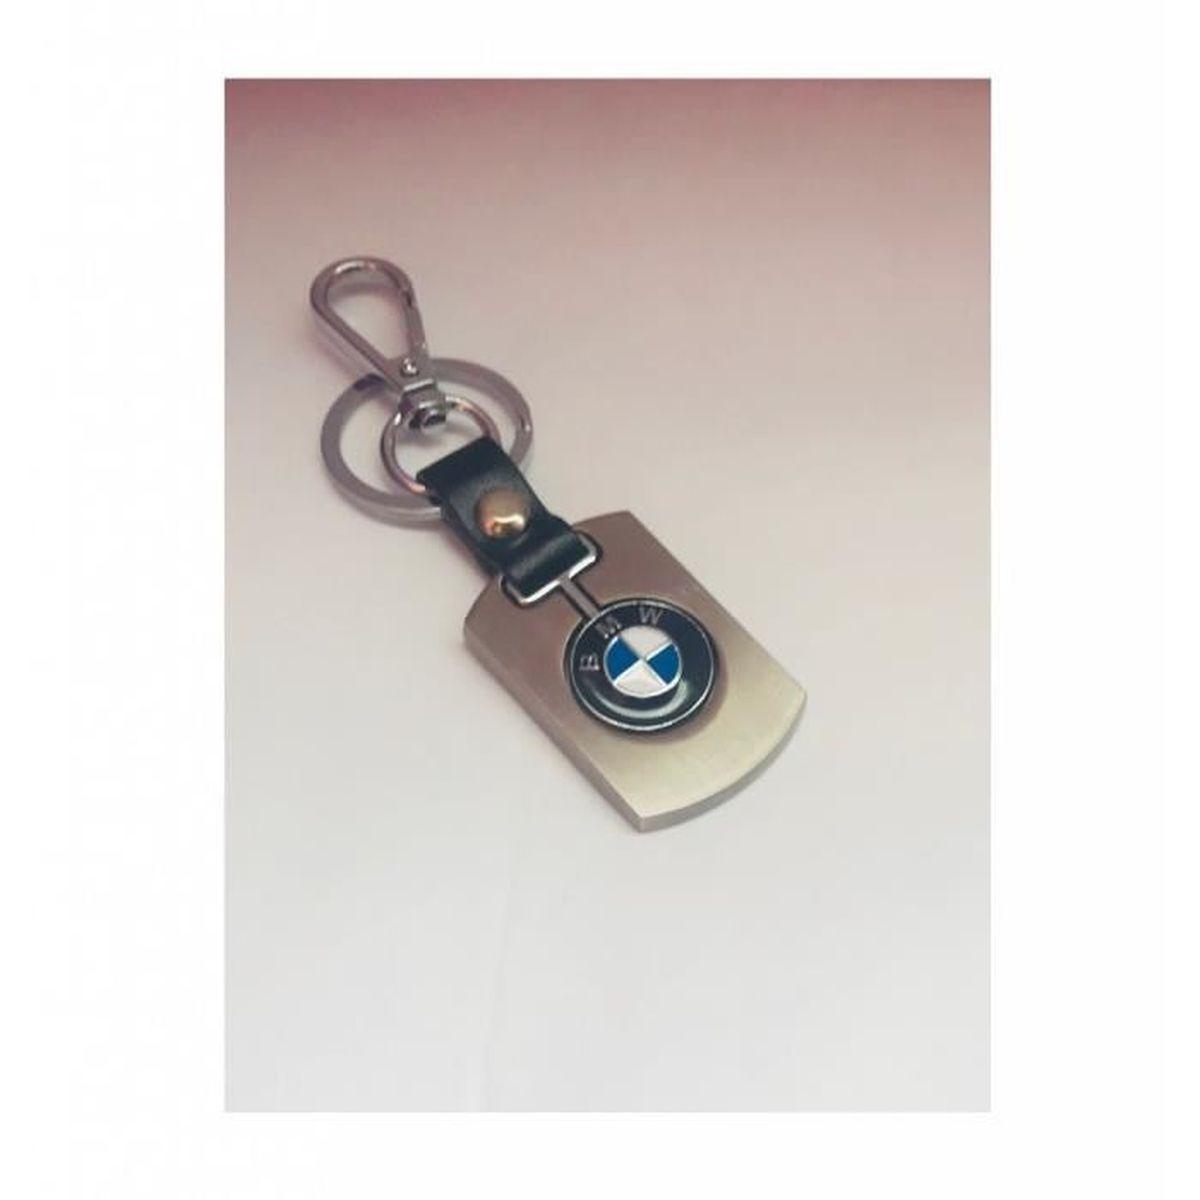 BMW Porte-cl/és Original Disc en Acier Inoxydable laqu/é Argent